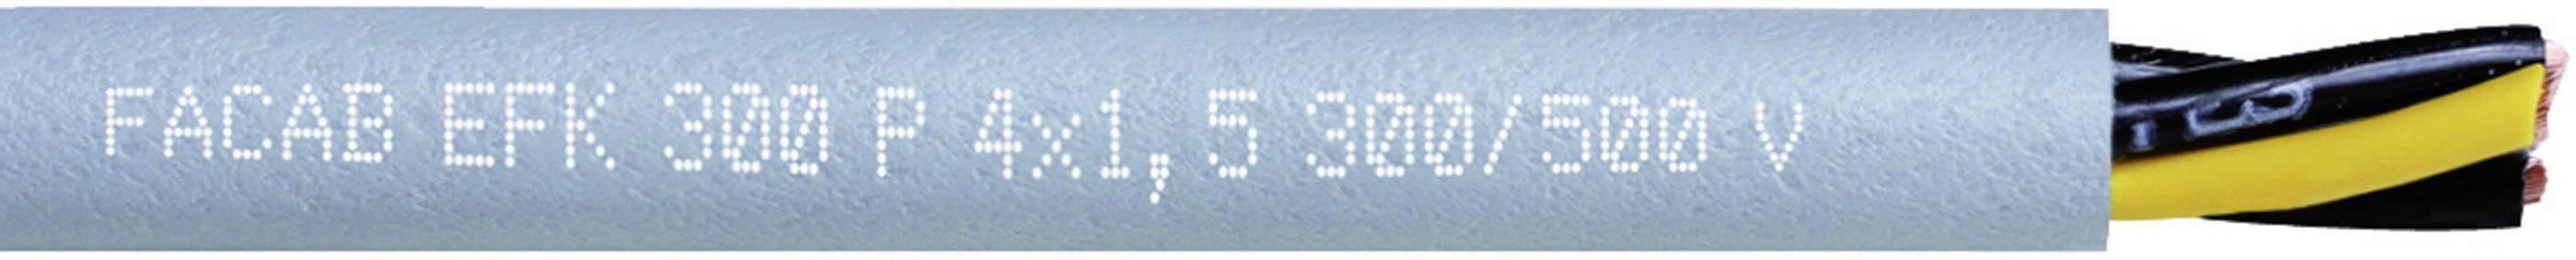 Tažný kabel Faber Kabel EFK 300 P AD300 - SCHLEPPLTG. TPE/PUR (031298), 3x 0,5 mm², polyurethan, Ø 5,2 mm, nes